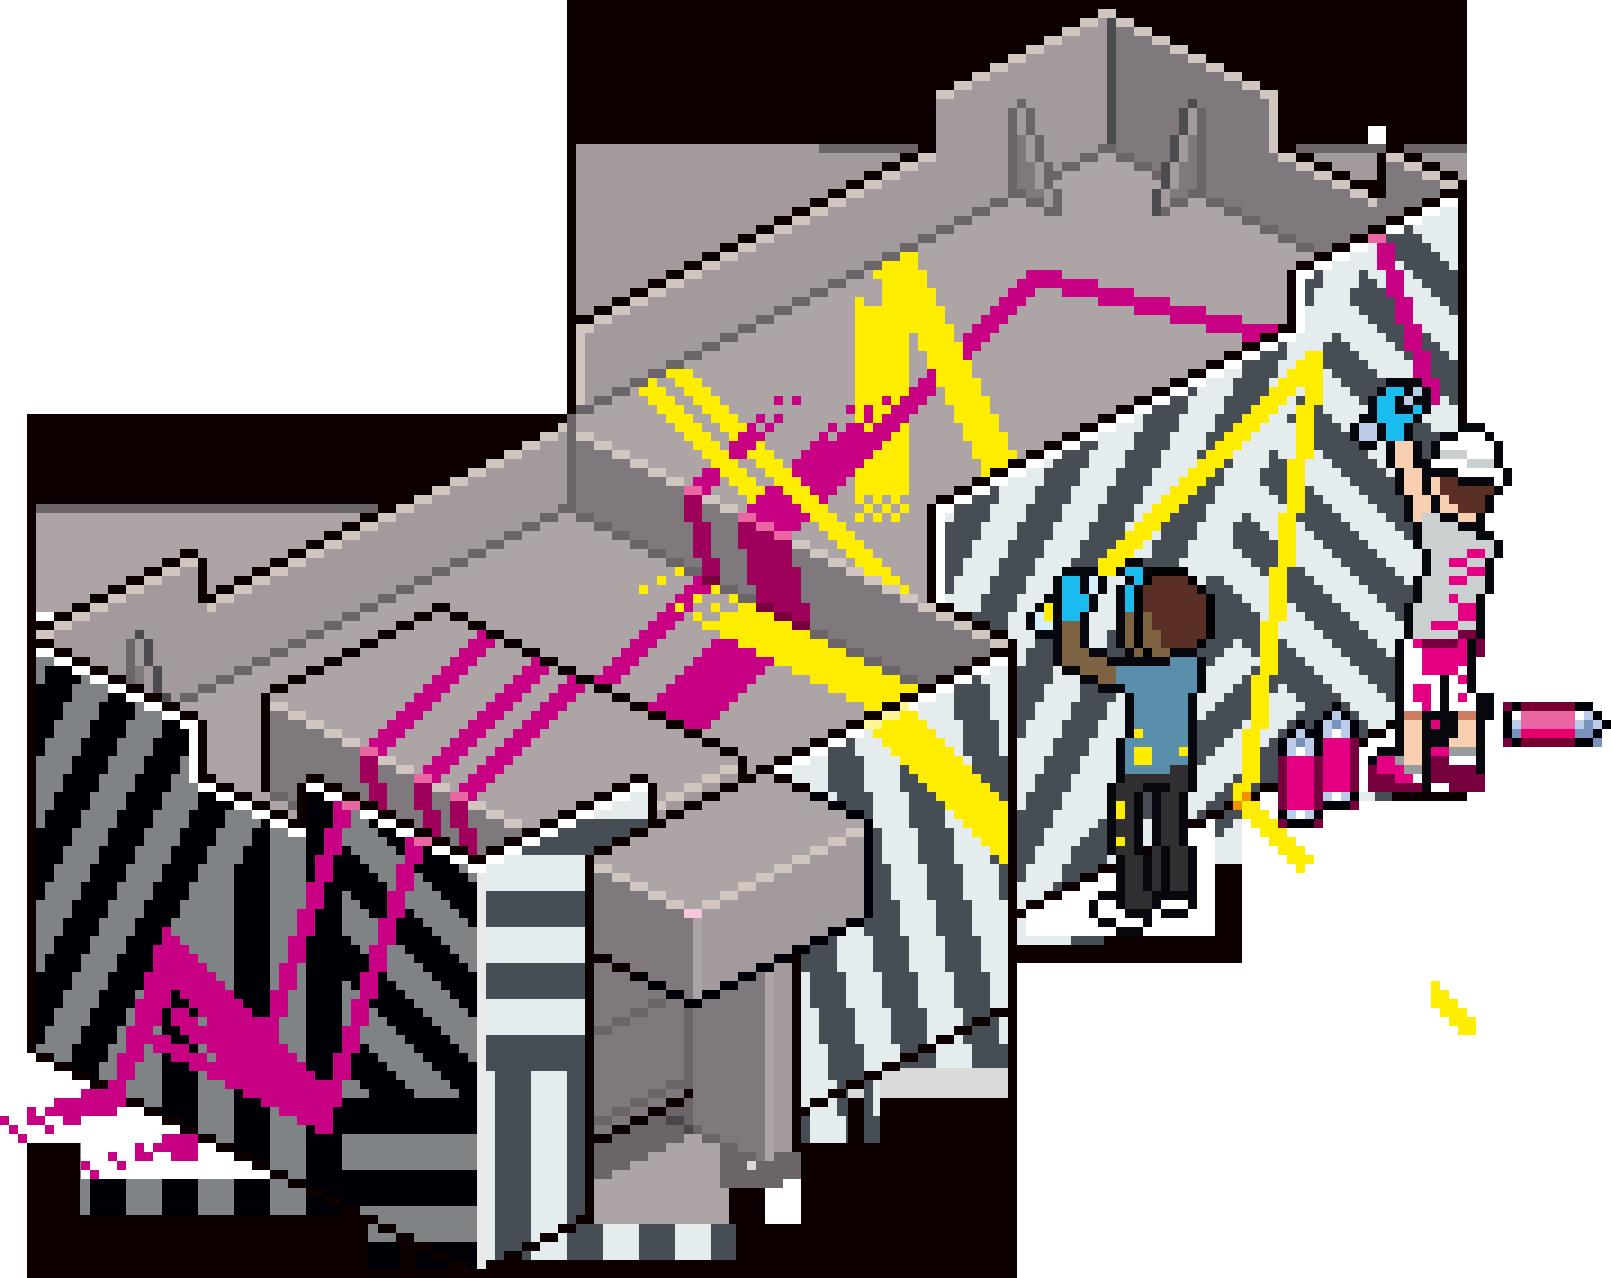 The Golman's building in Pixel Art